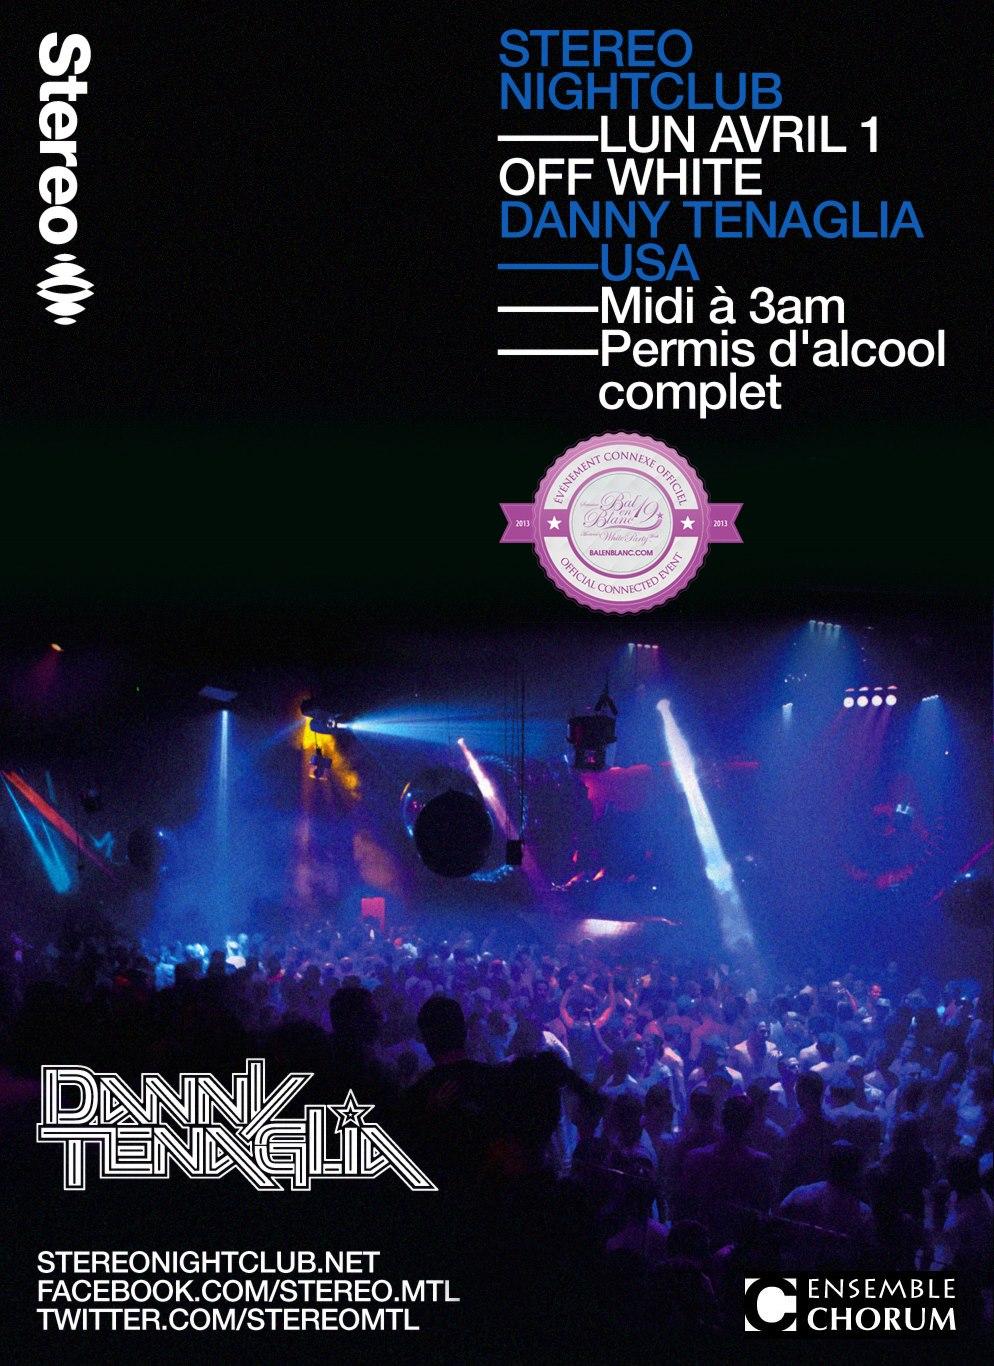 Danny Tenaglia Stereo Montreal April 1st 2013